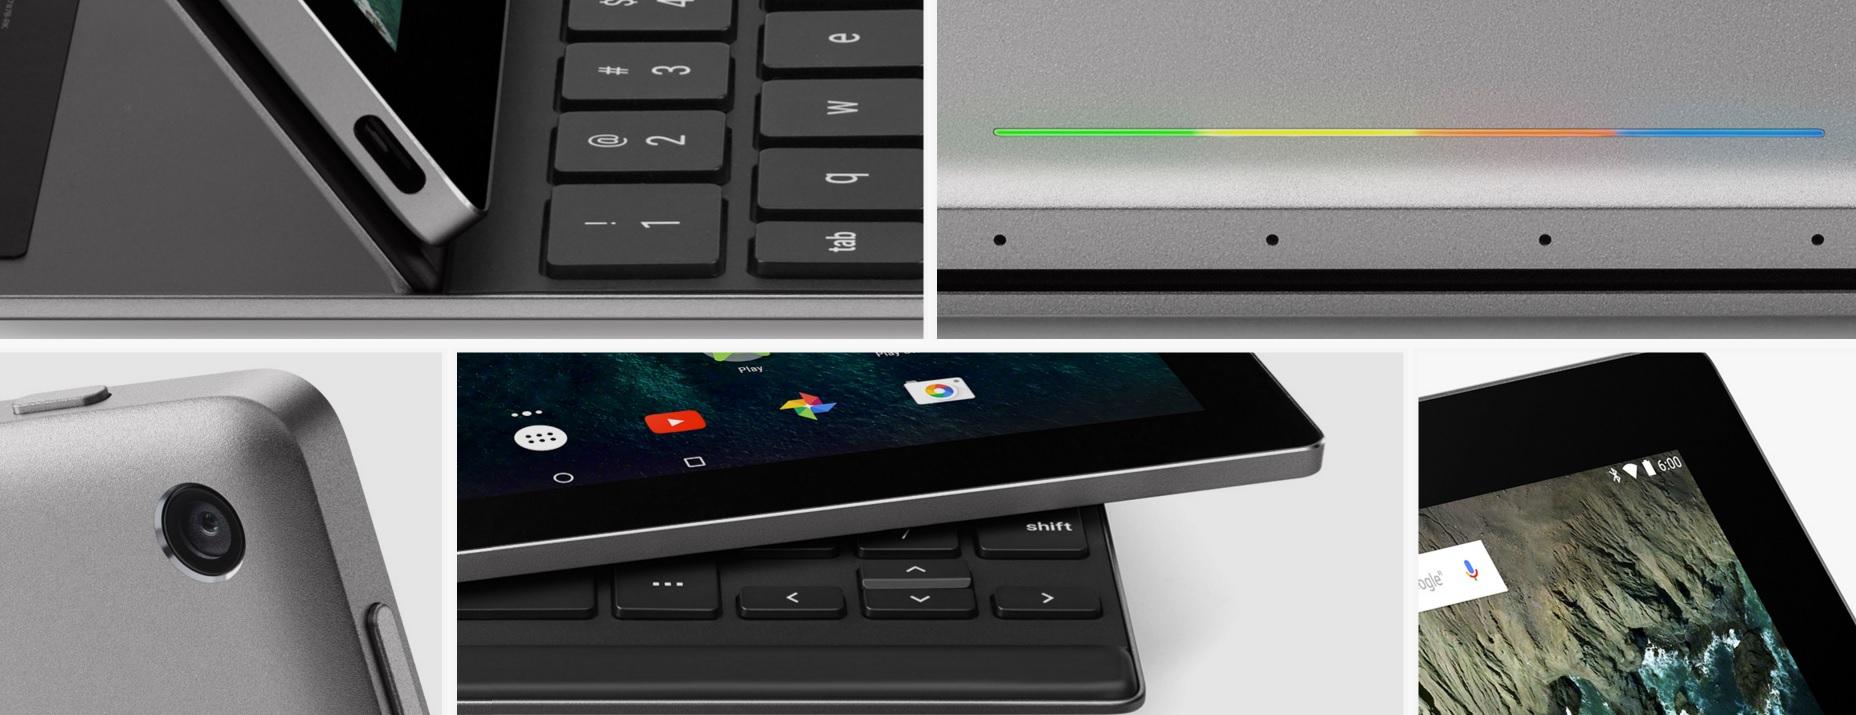 Det bilr spennende å se hvordan Pixel C vil gjøre det mot iPad Pro og Surface Pro 4.